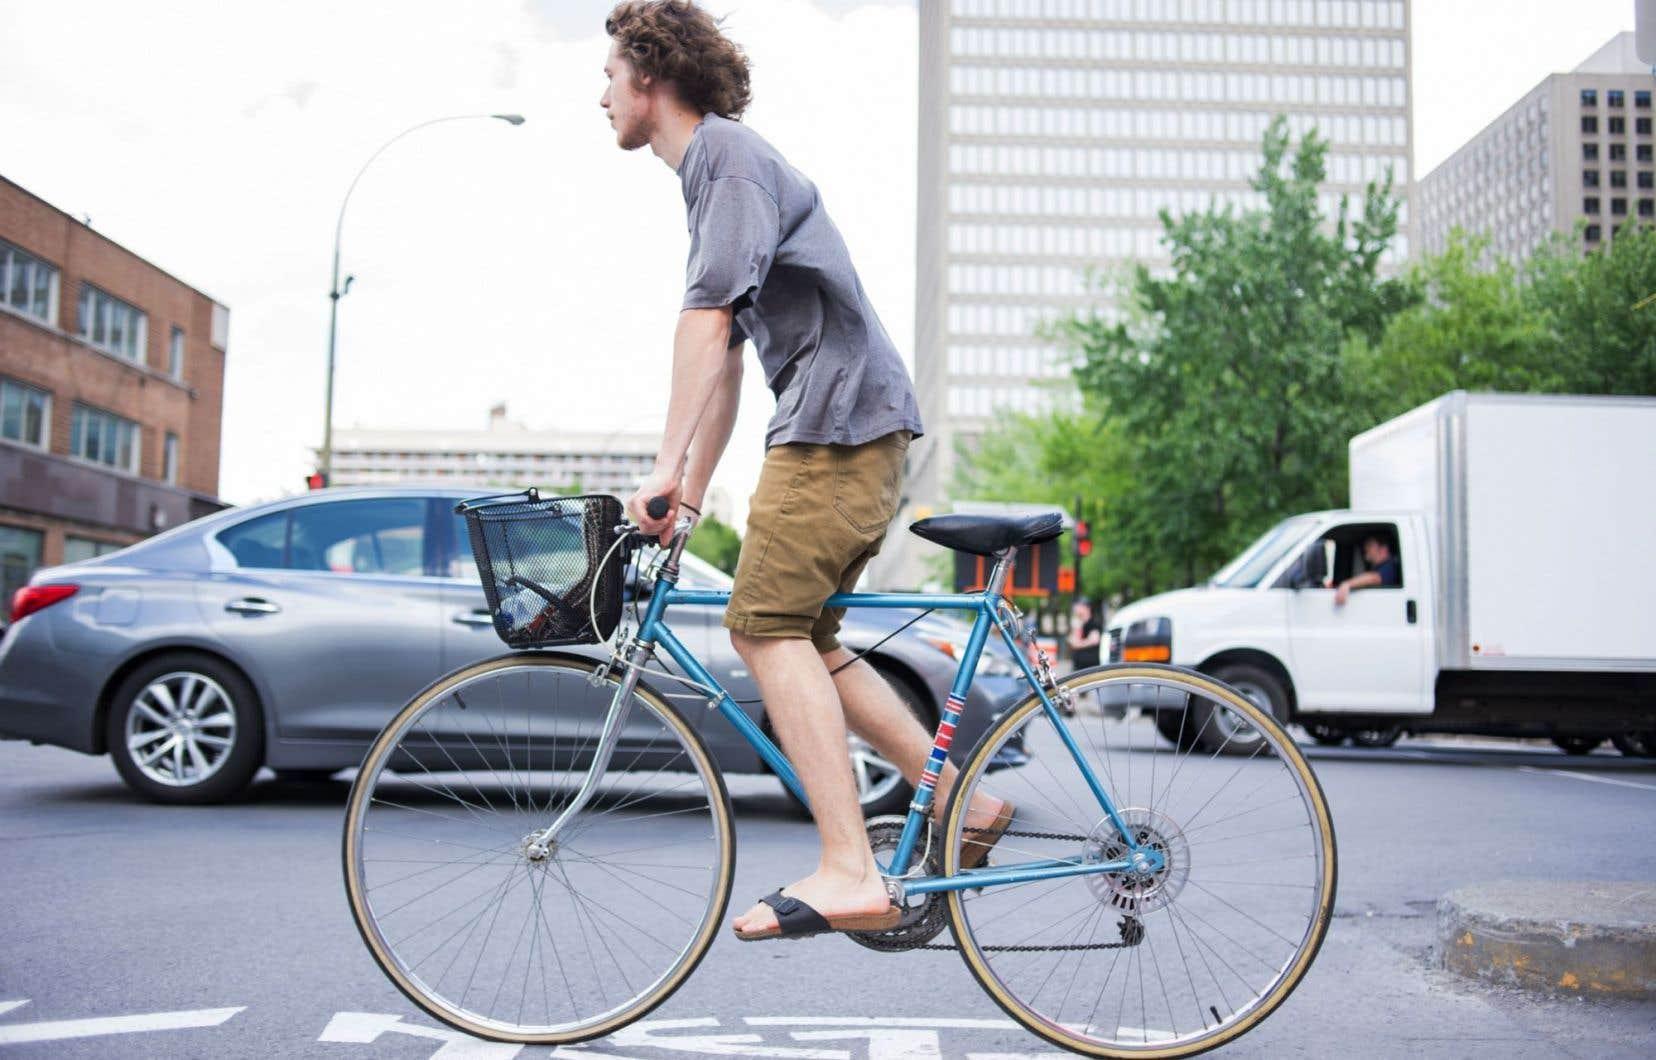 Le SPVM admet avoir exercé une surveillance plus soutenue l'an dernier après avoir remarqué une hausse de cyclistes morts, blessés gravement ou légèrement entre 2014 et 2015 .